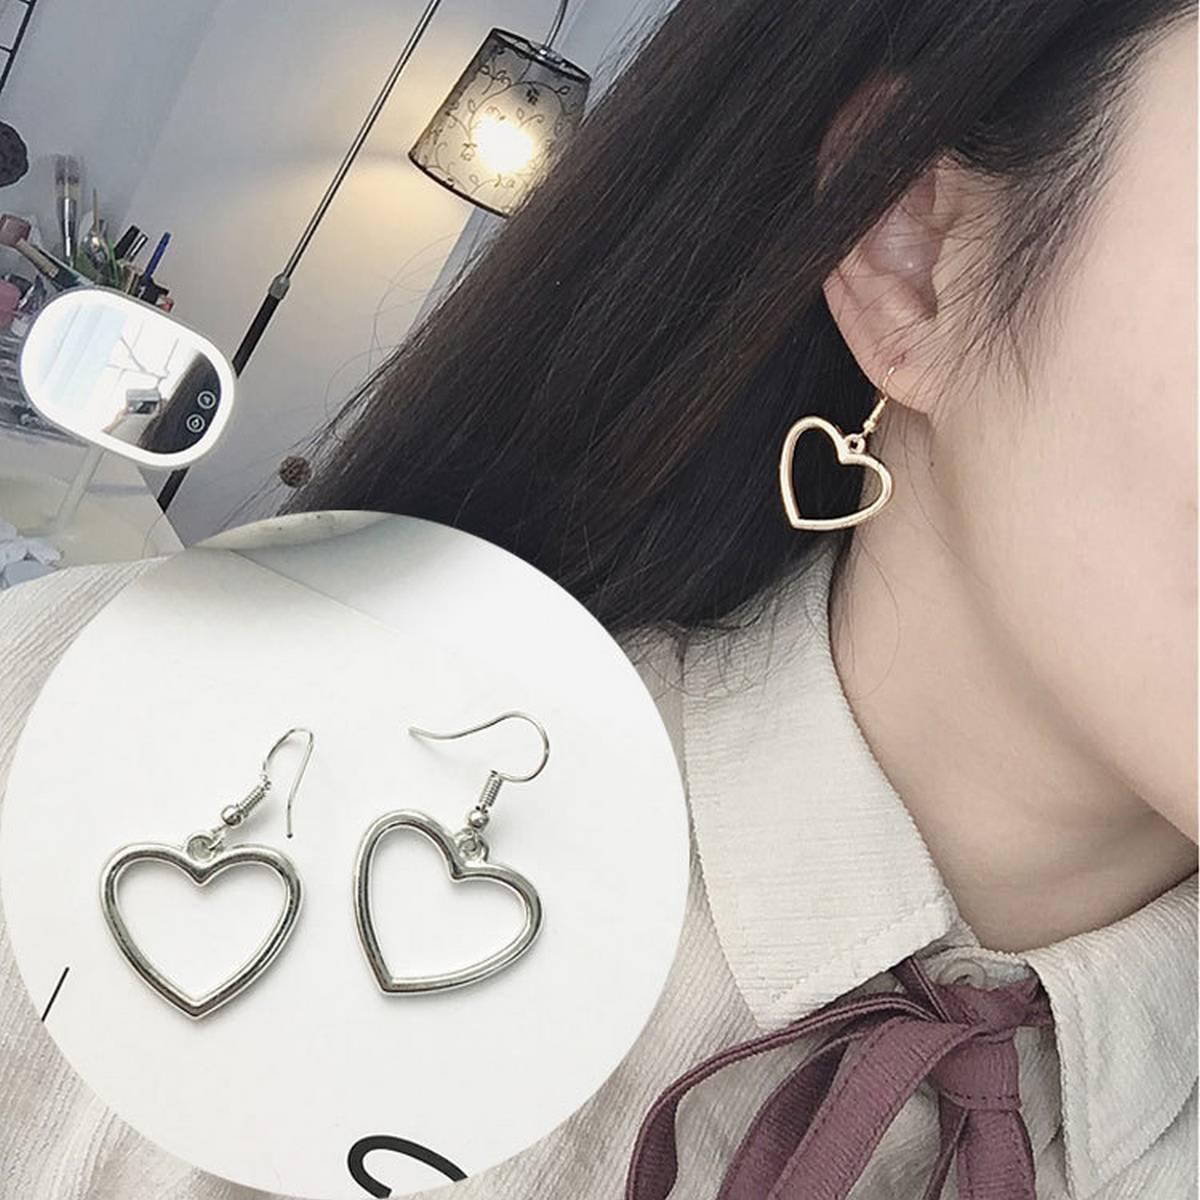 Kaytlins Heart Shape Earrings For Girls - New Arrivals